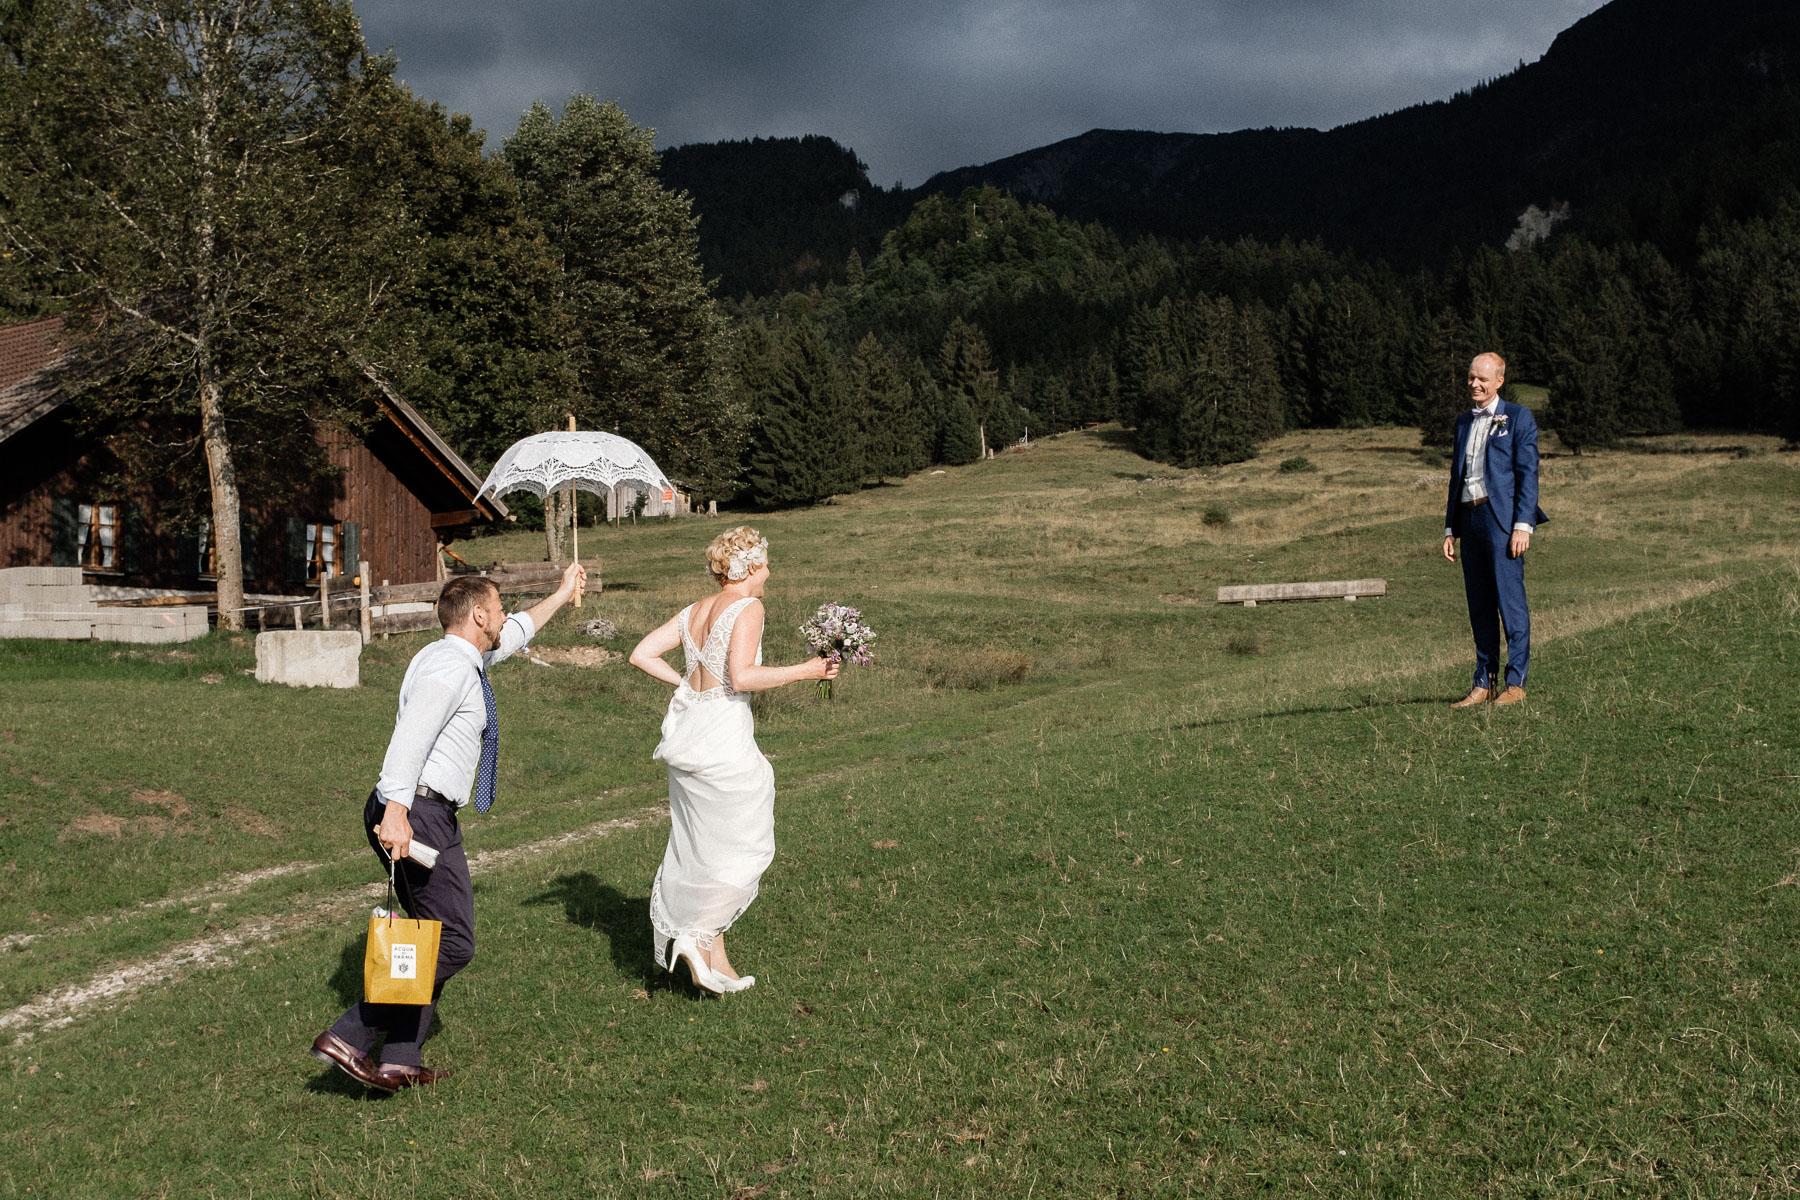 MartinLiebl_Hochzeitsfotograf_LCL_II_Blog_60.jpg